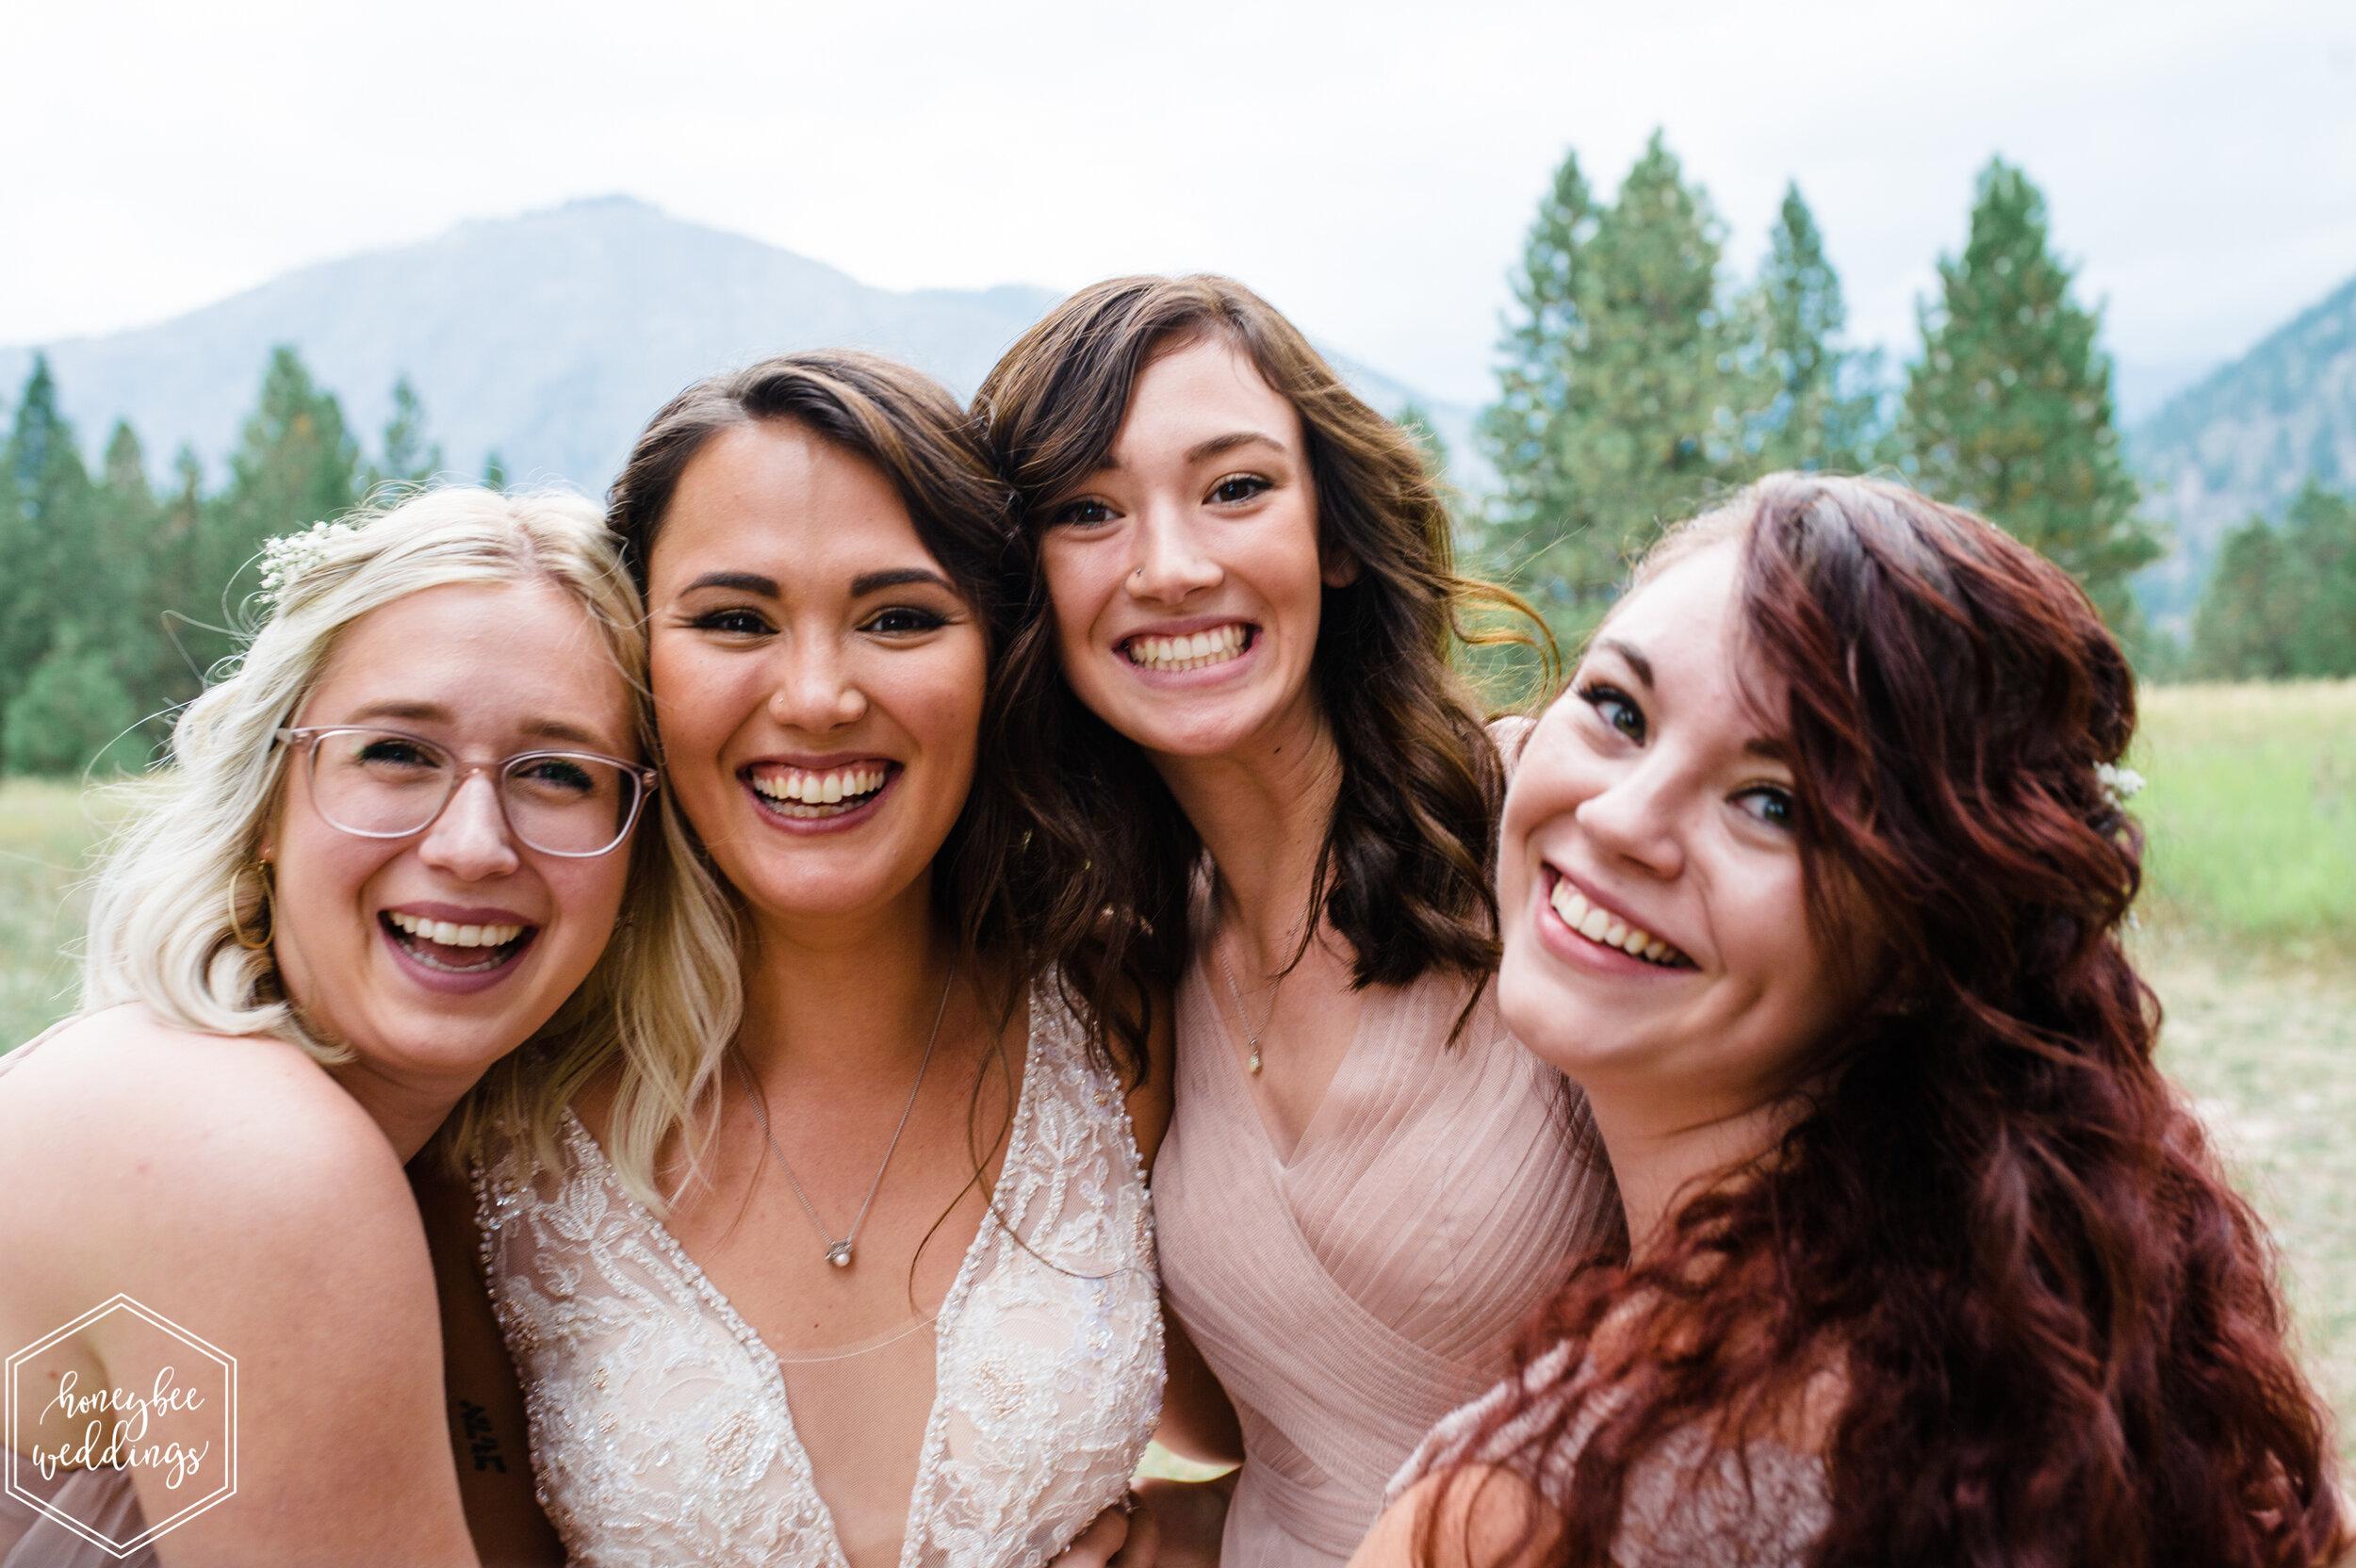 086White Raven Wedding_Montana Wedding Photographer_Corey & Corey_Honeybee Weddings_September 06, 2019-1556.jpg